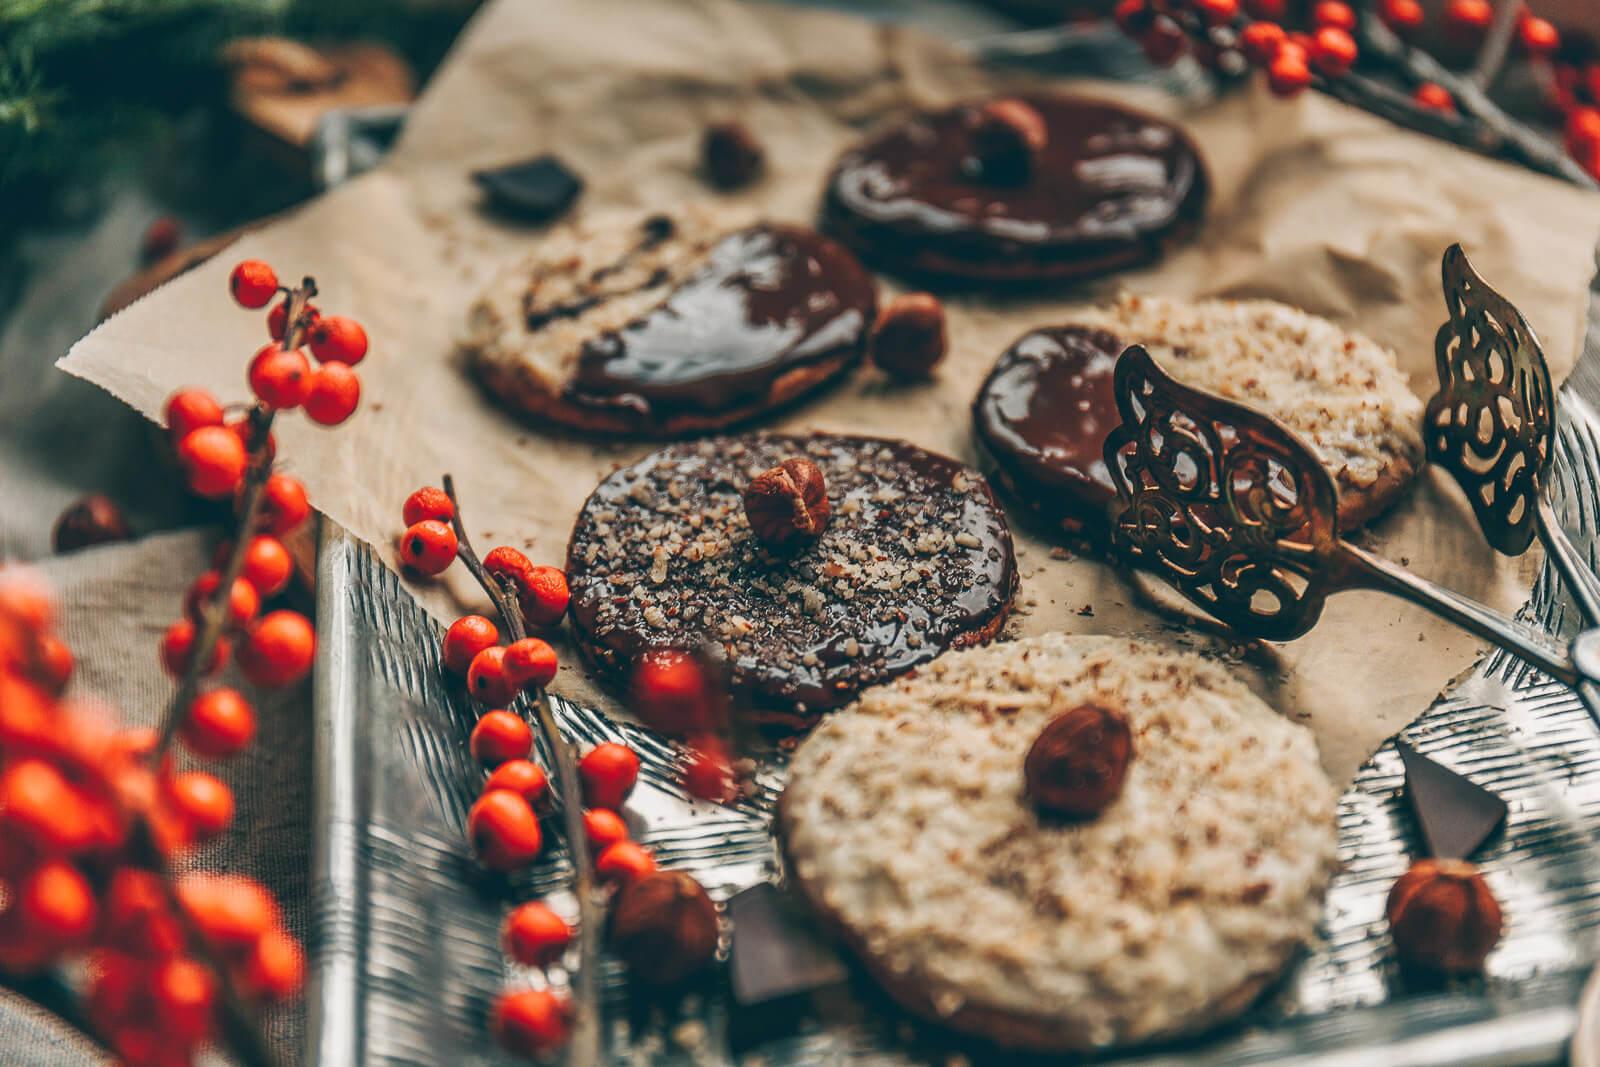 Spekulatius-Kekse, Spekulatiuskekse mit Haselnüssen, Spekulatiuskekse, Weihnachtskekse vegan, vegane Weihnachtsbäckerei, Vergabe Kekse Rezept, Rezept vegan Weihnachtskekse, Kekse Weihnachten Rezept vegan, vegane Cookies, Cookies mit Haselnüssen vegan